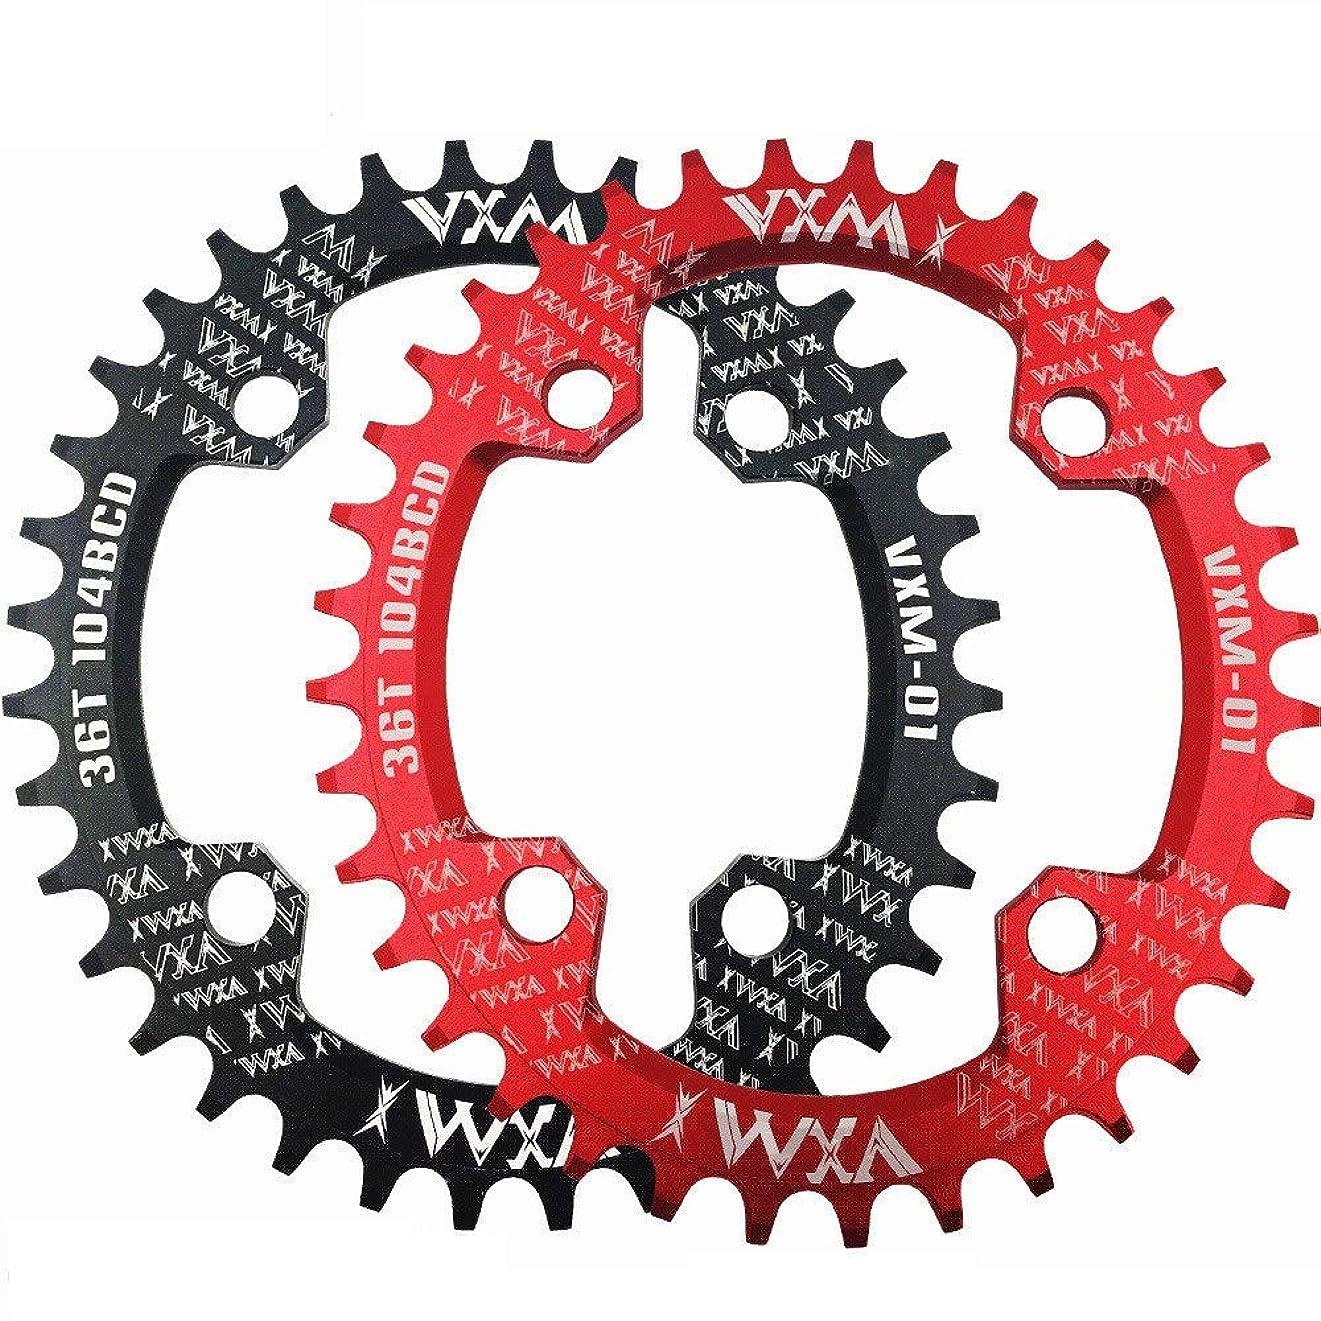 鉄犯すマディソンバイクチェーンリング 32T 34T 36T 38Tバイクラウンド/オーバルチェーンリング104BCDチェーンホイールナローワイドチェーンリング(ロードバイク、マウンテンバイク、BMX MTBバイク用) ロードバイク、マウンテンバイク、BMX MTBバイク用 (色 : ブラック, サイズ : Oval 32T)